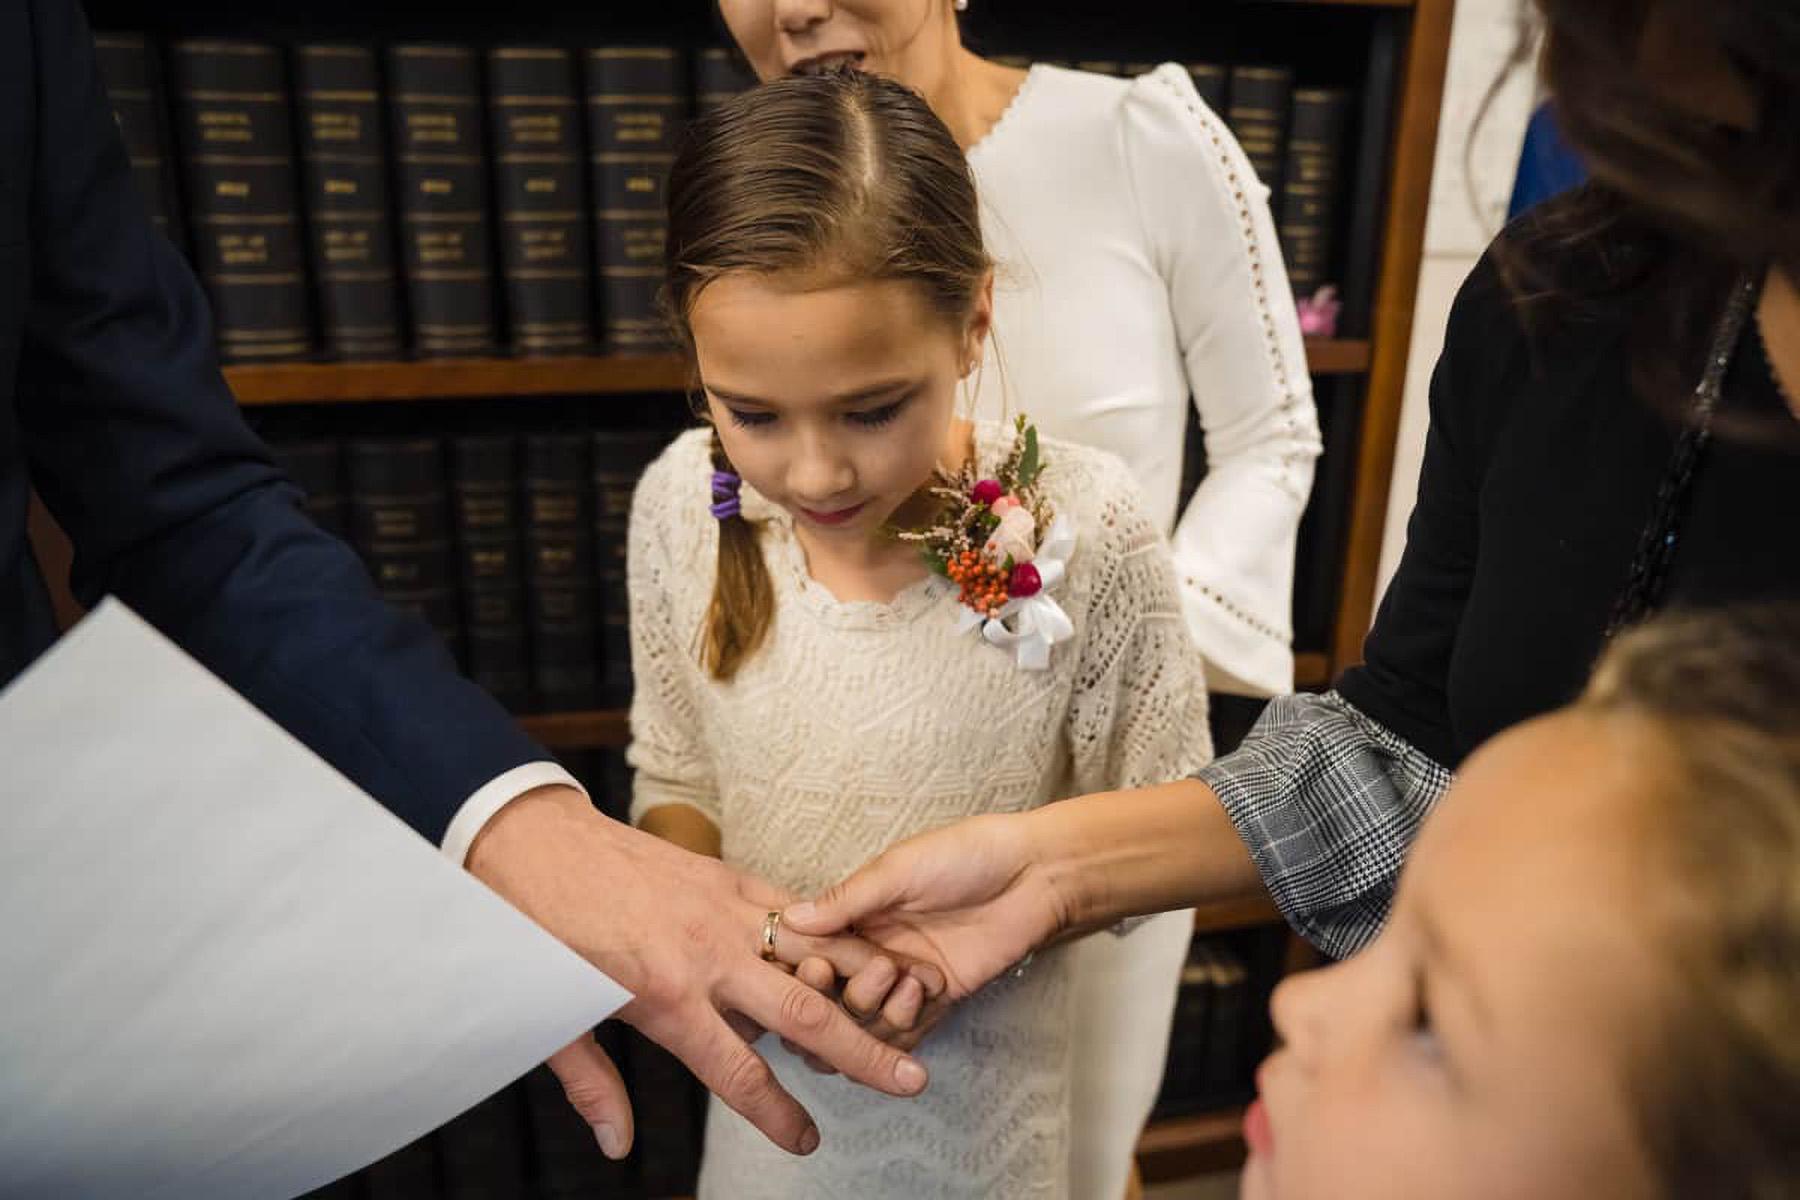 MA - Foto di cerimonia nuziale civile piccola | gli ospiti presenti non vedono l'ora di vedere gli anelli mentre tengono la mano dello sposo per vedere meglio la sua fede nuziale d'oro